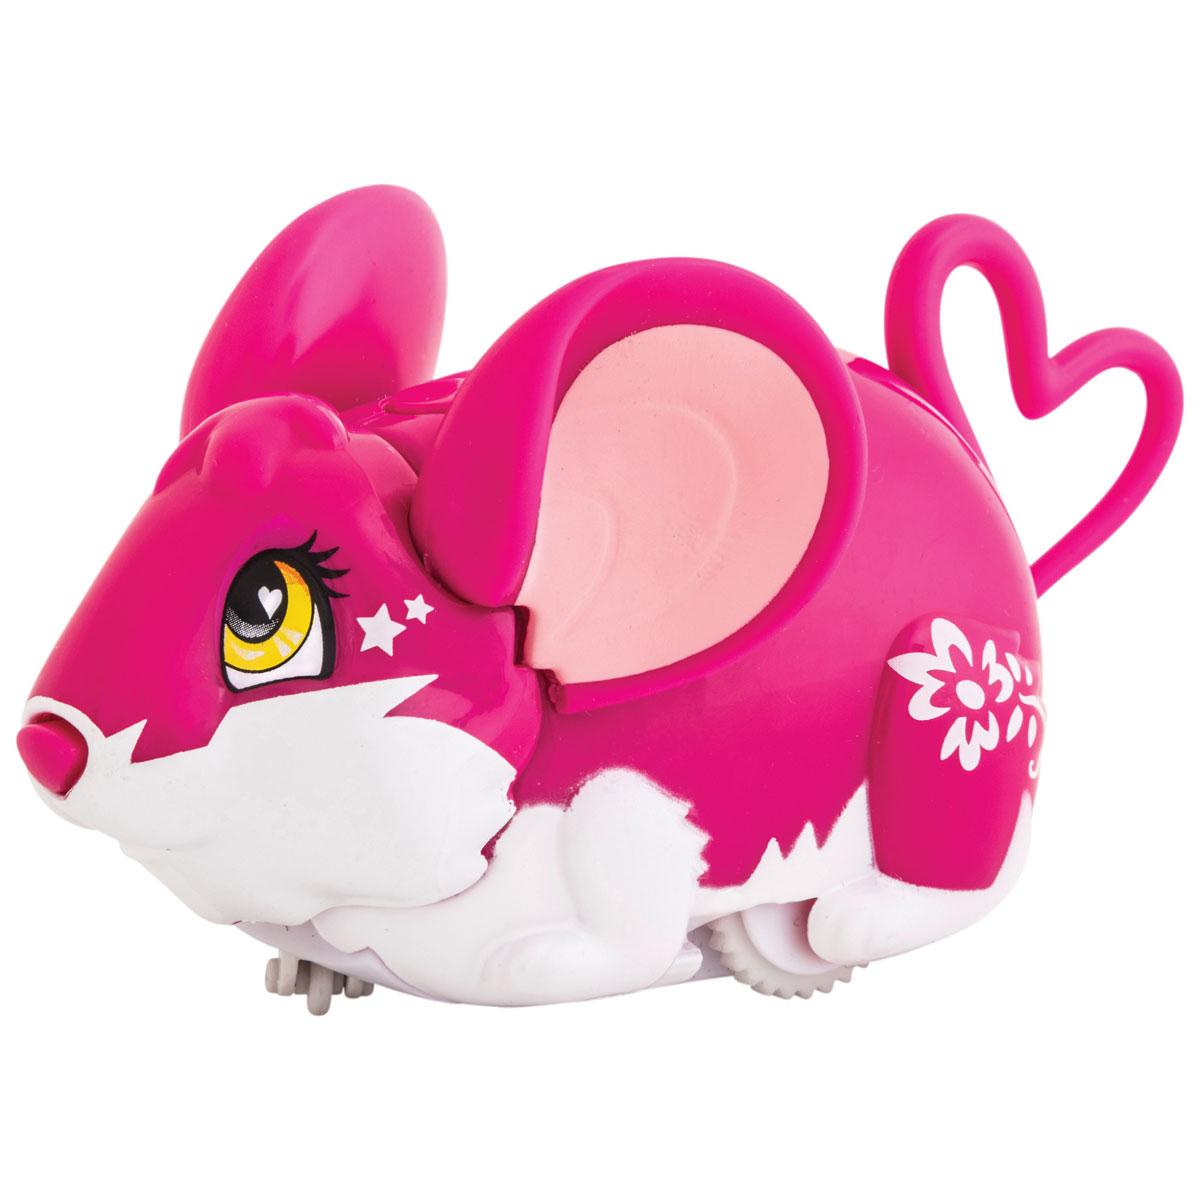 Amazing Zhus Интерактивная игрушка Мышка-циркач Пикадилли26003Amazing Zhus Мышка-циркач Пикадилли - это интерактивная игрушка, выполненная в виде цирковой мышки длиной 11 см. Игрушка имеет 3 игровых режима. При нажатии на кнопку на шее мышка начинает издавать забавные звуки каждые несколько секунд. При нажатии на кнопку на спине (режим исследования) мышка начинает изучать пространство, натыкаясь на препятствие, меняет направление и издает забавные звуки. При нажатии на нос - издает забавные звуки, а в режиме исследования нос используется как радар. В ассортименте есть множество цирковых аксессуаров для игры и фокусов. Очаровательная мышка понравится и детям, и взрослым! Для работы игрушки необходимы 2 батарейки типа ААА (товар комплектуется демонстрационными).